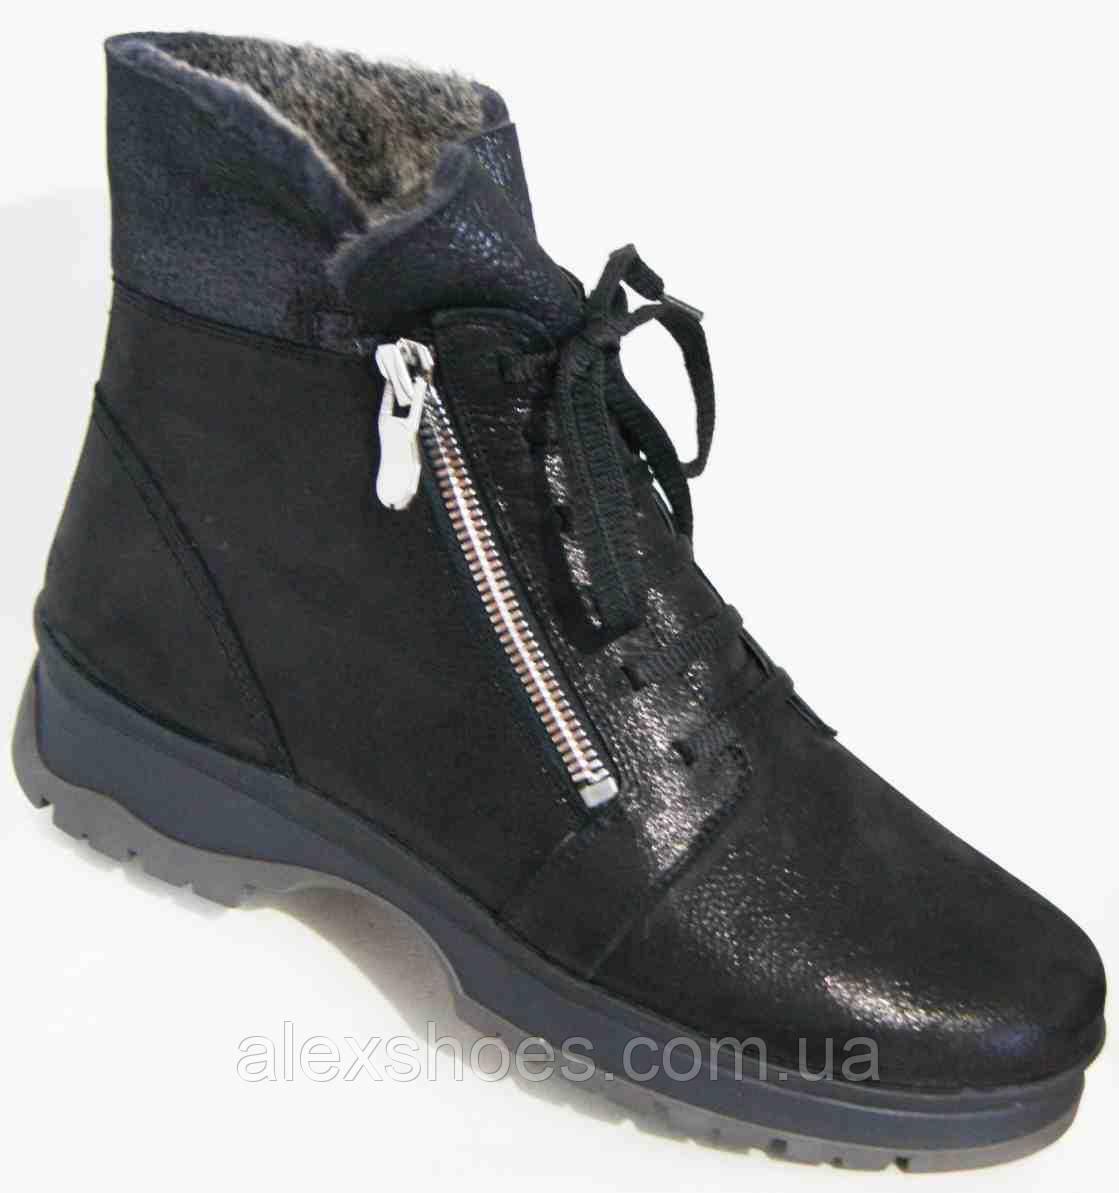 Ботинки женские зимние из натуральной кожи большого размера от производителя модель В5306-4